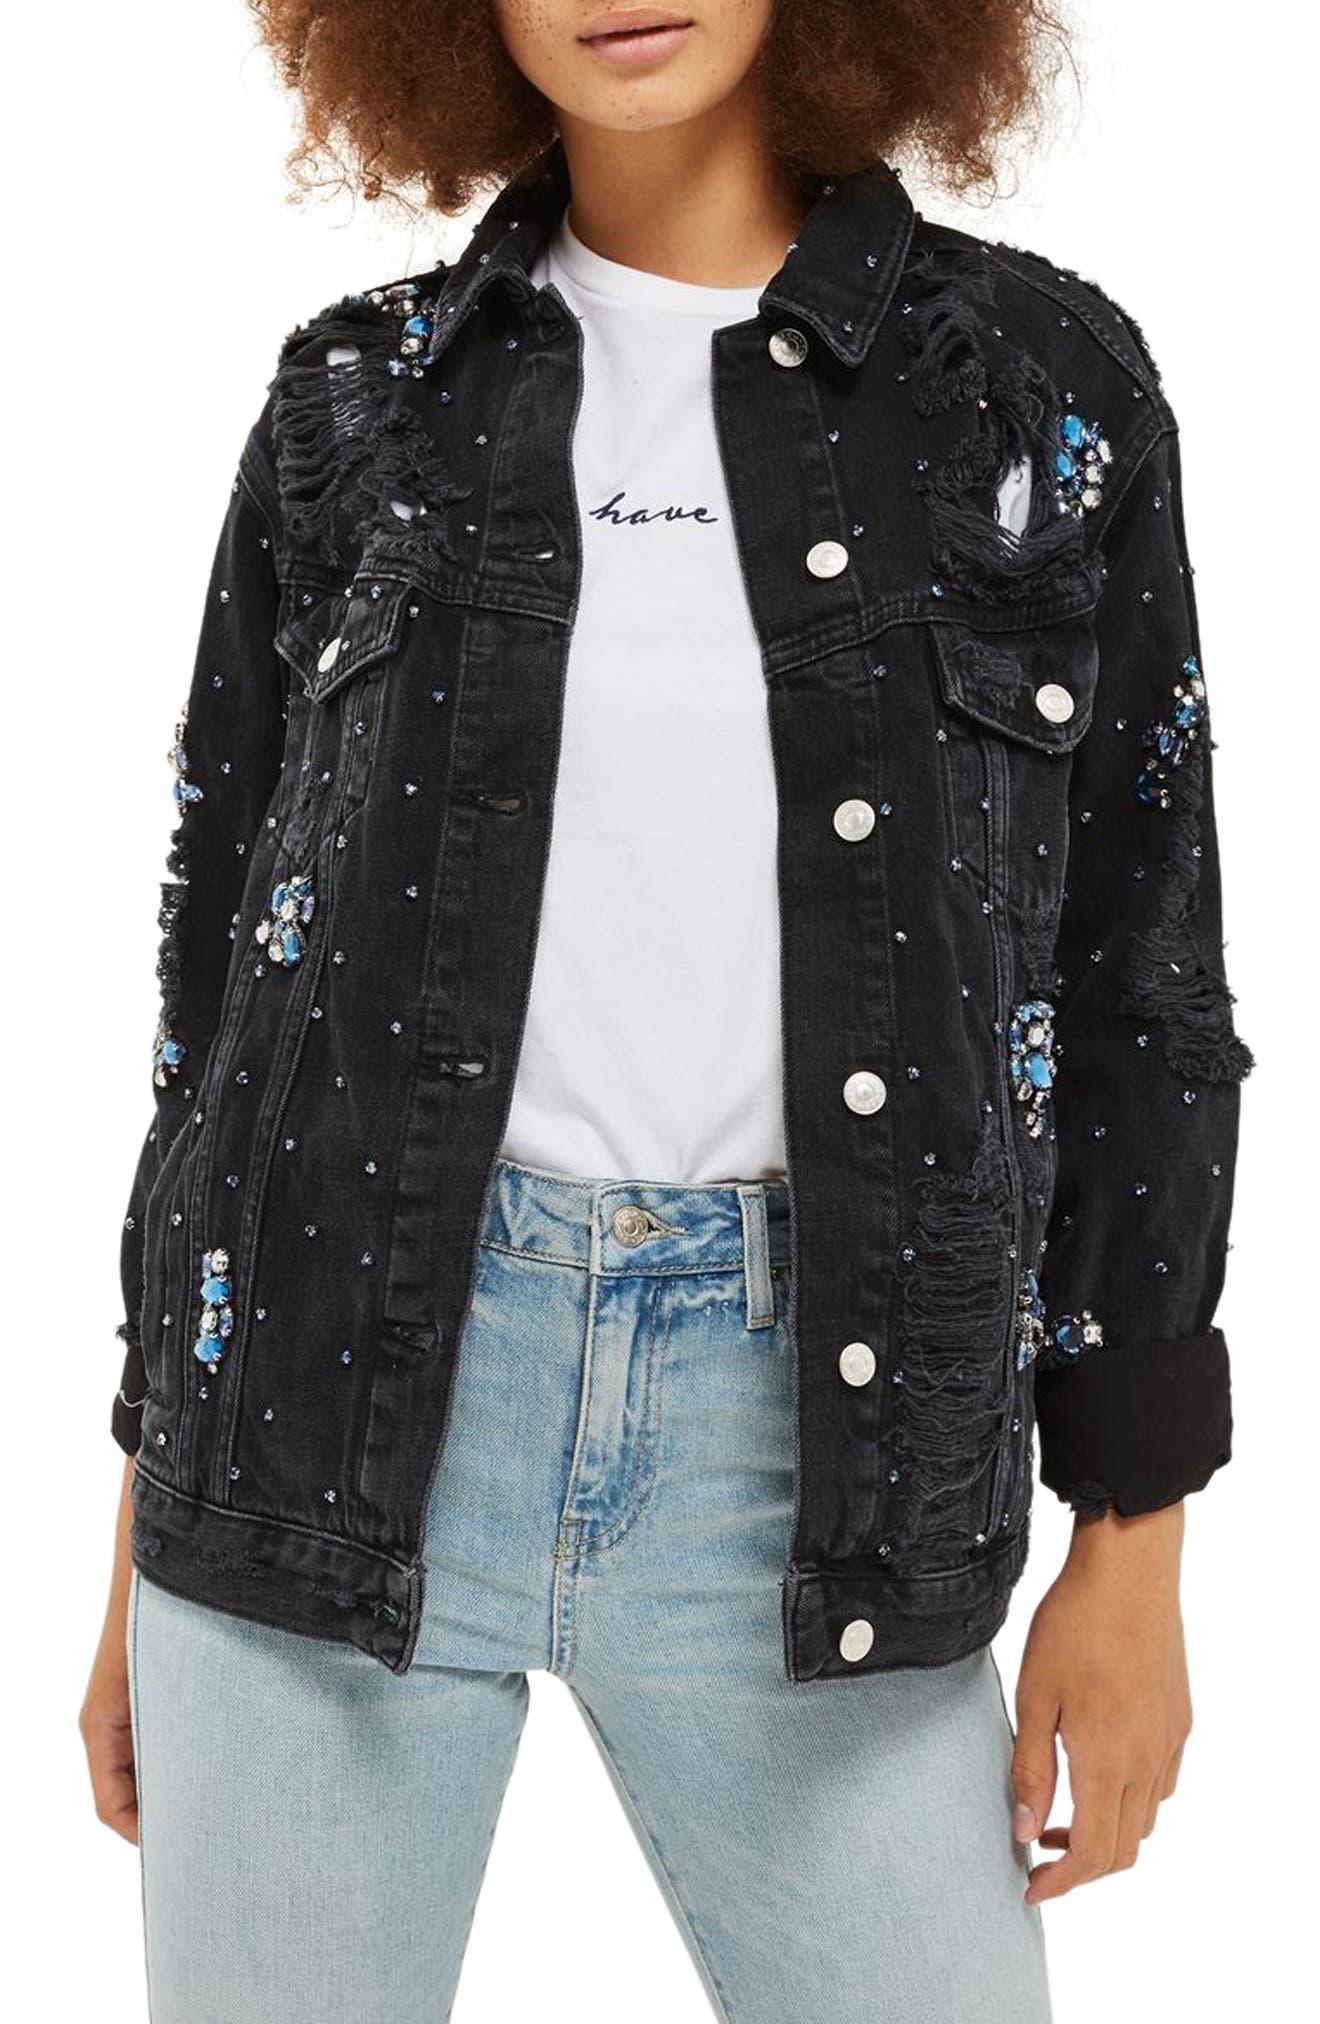 Topshop Embellished Oversize Denim Jacket